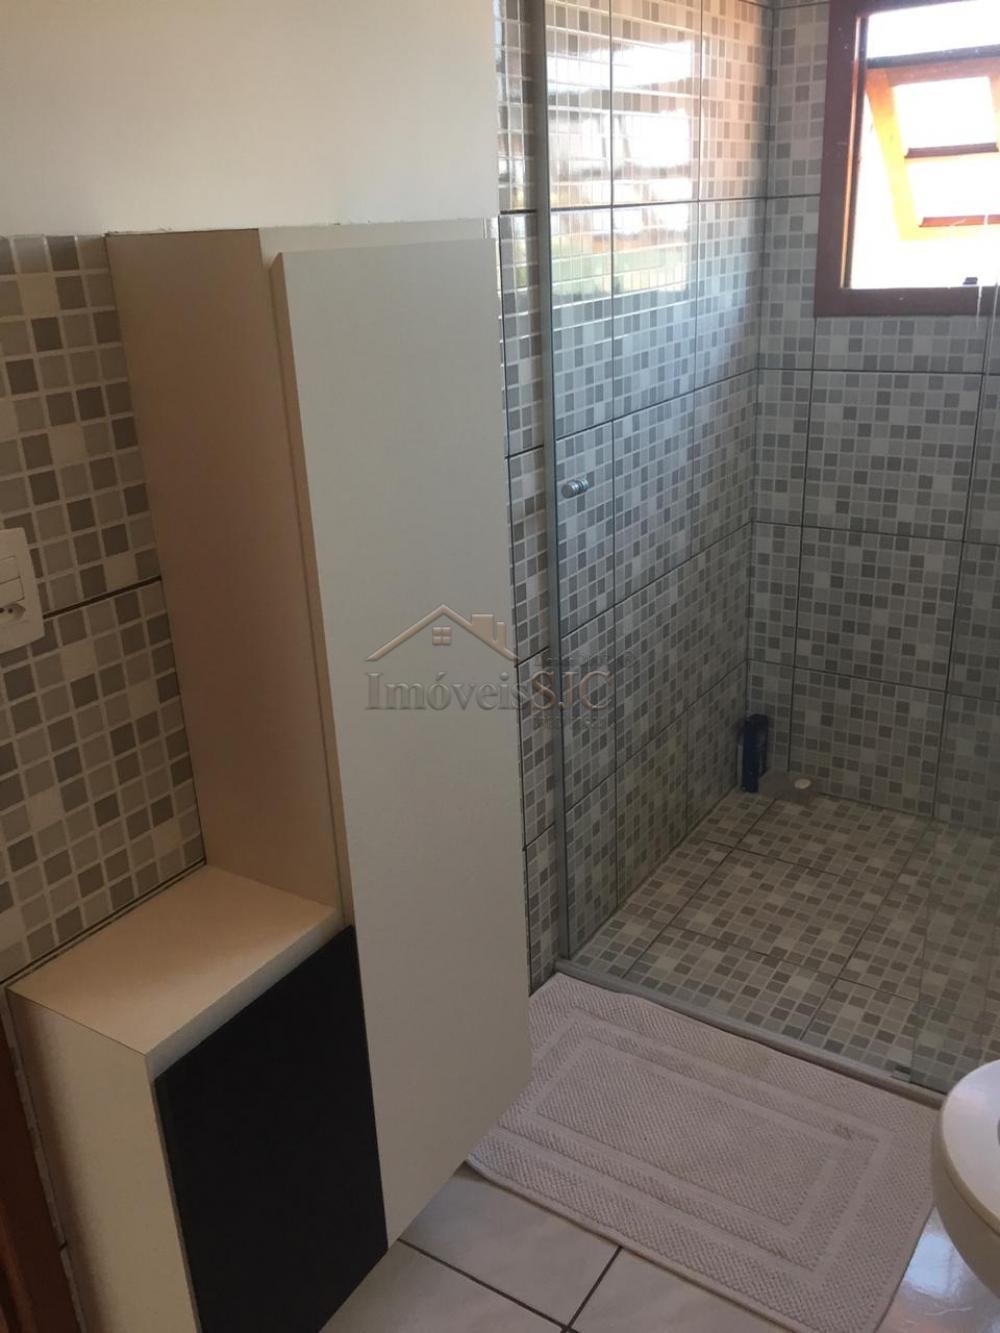 Comprar Casas / Padrão em Jacareí apenas R$ 600.000,00 - Foto 30